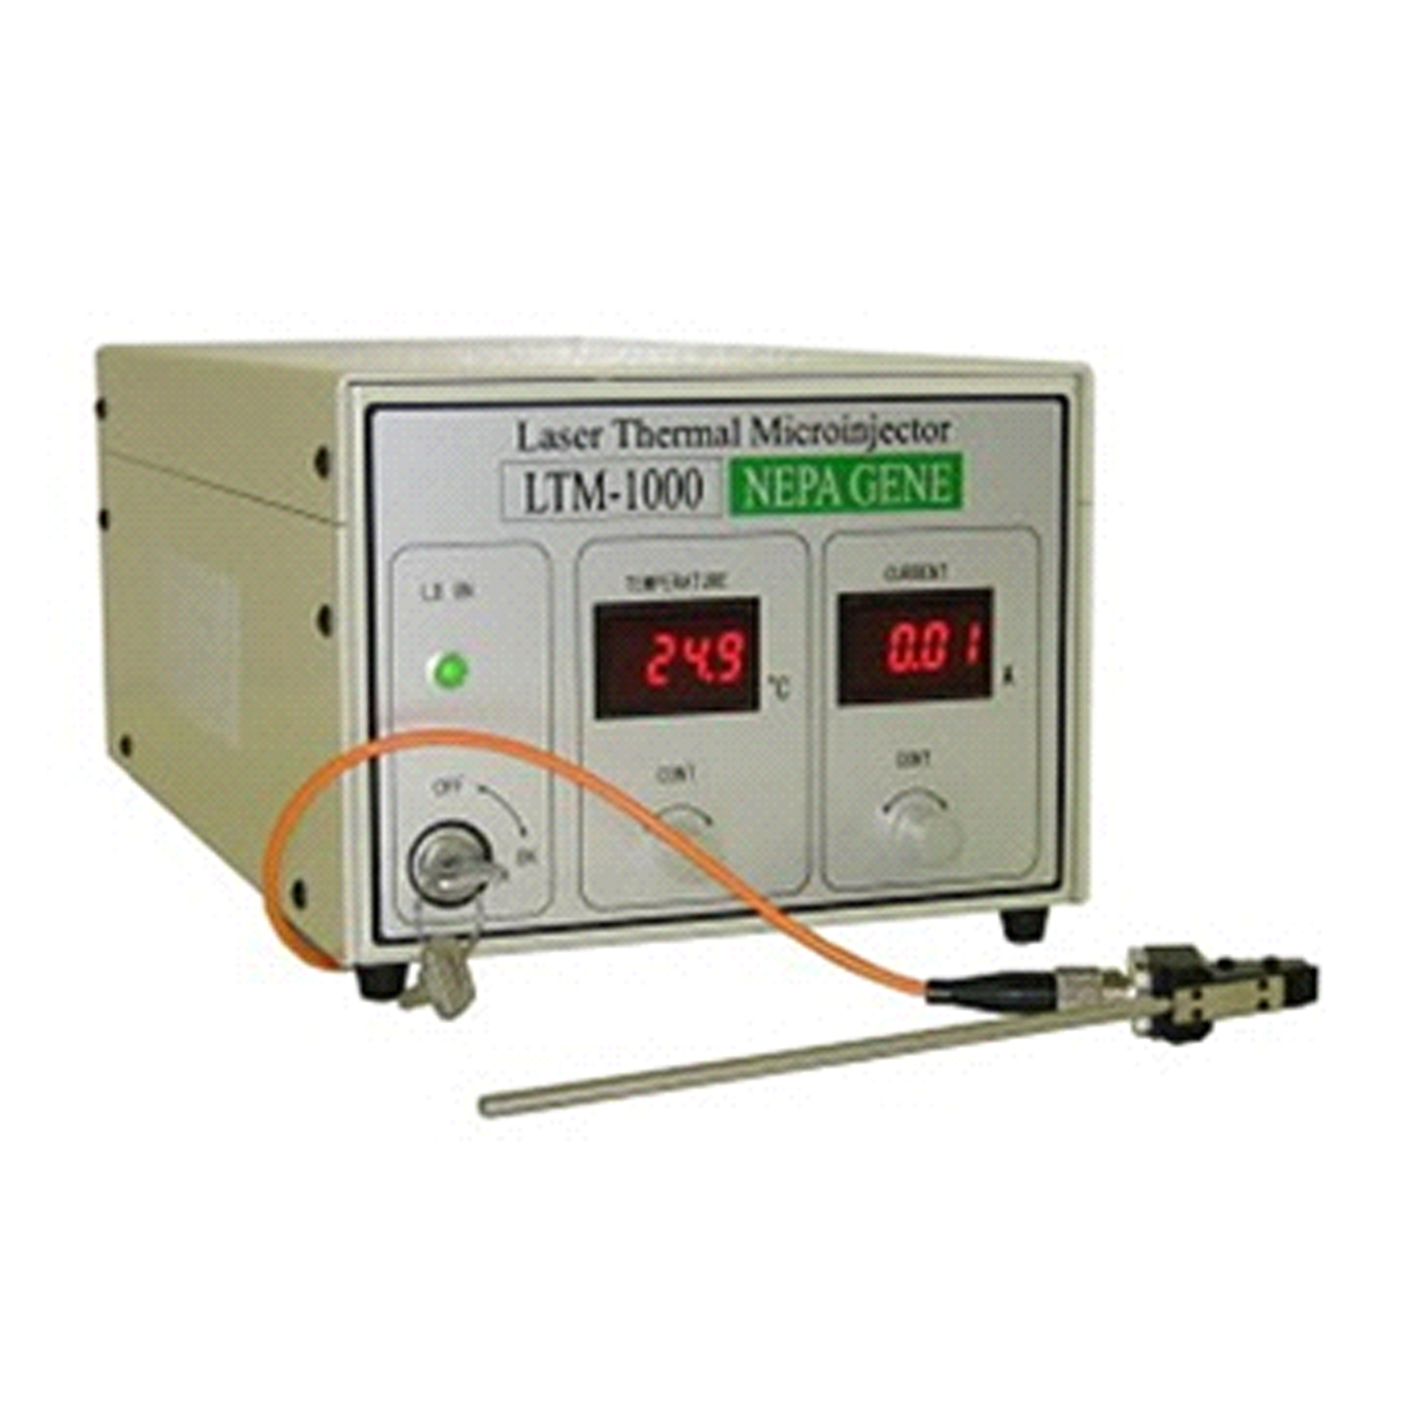 LTM-1000激光辅助显微注射系统